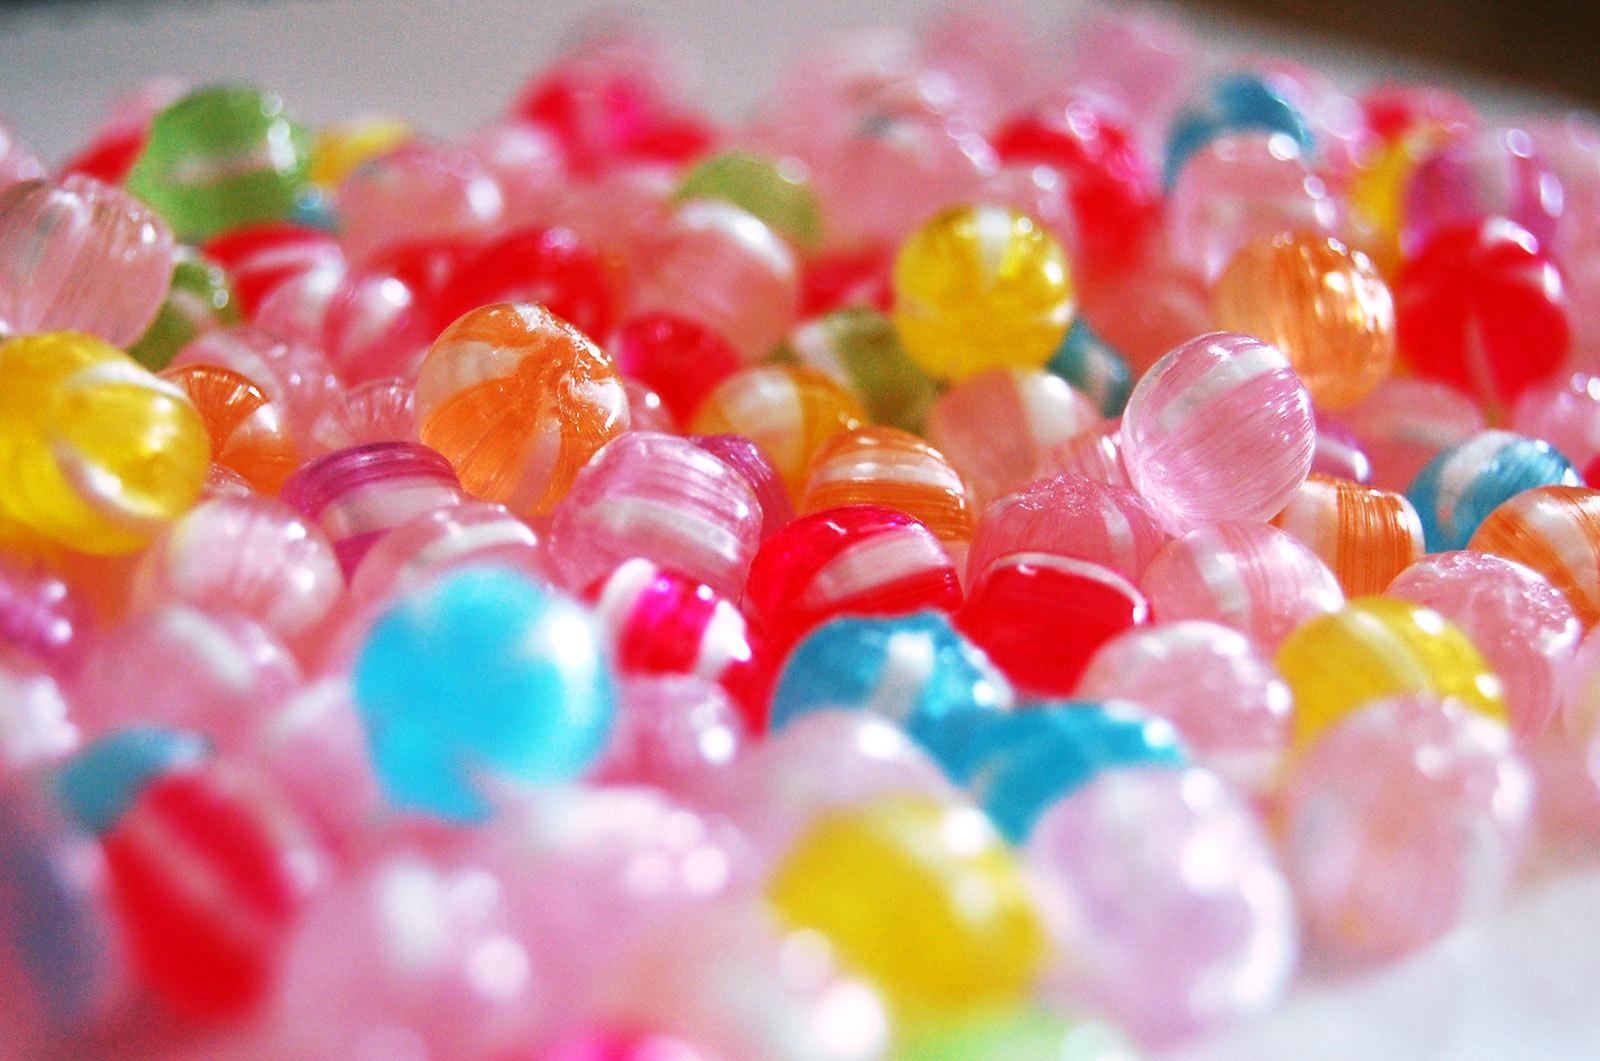 Думаете, что конфетка сделает вас бодрее ипоможет поднять настроение? Вероятно, вы ошибаетесь.